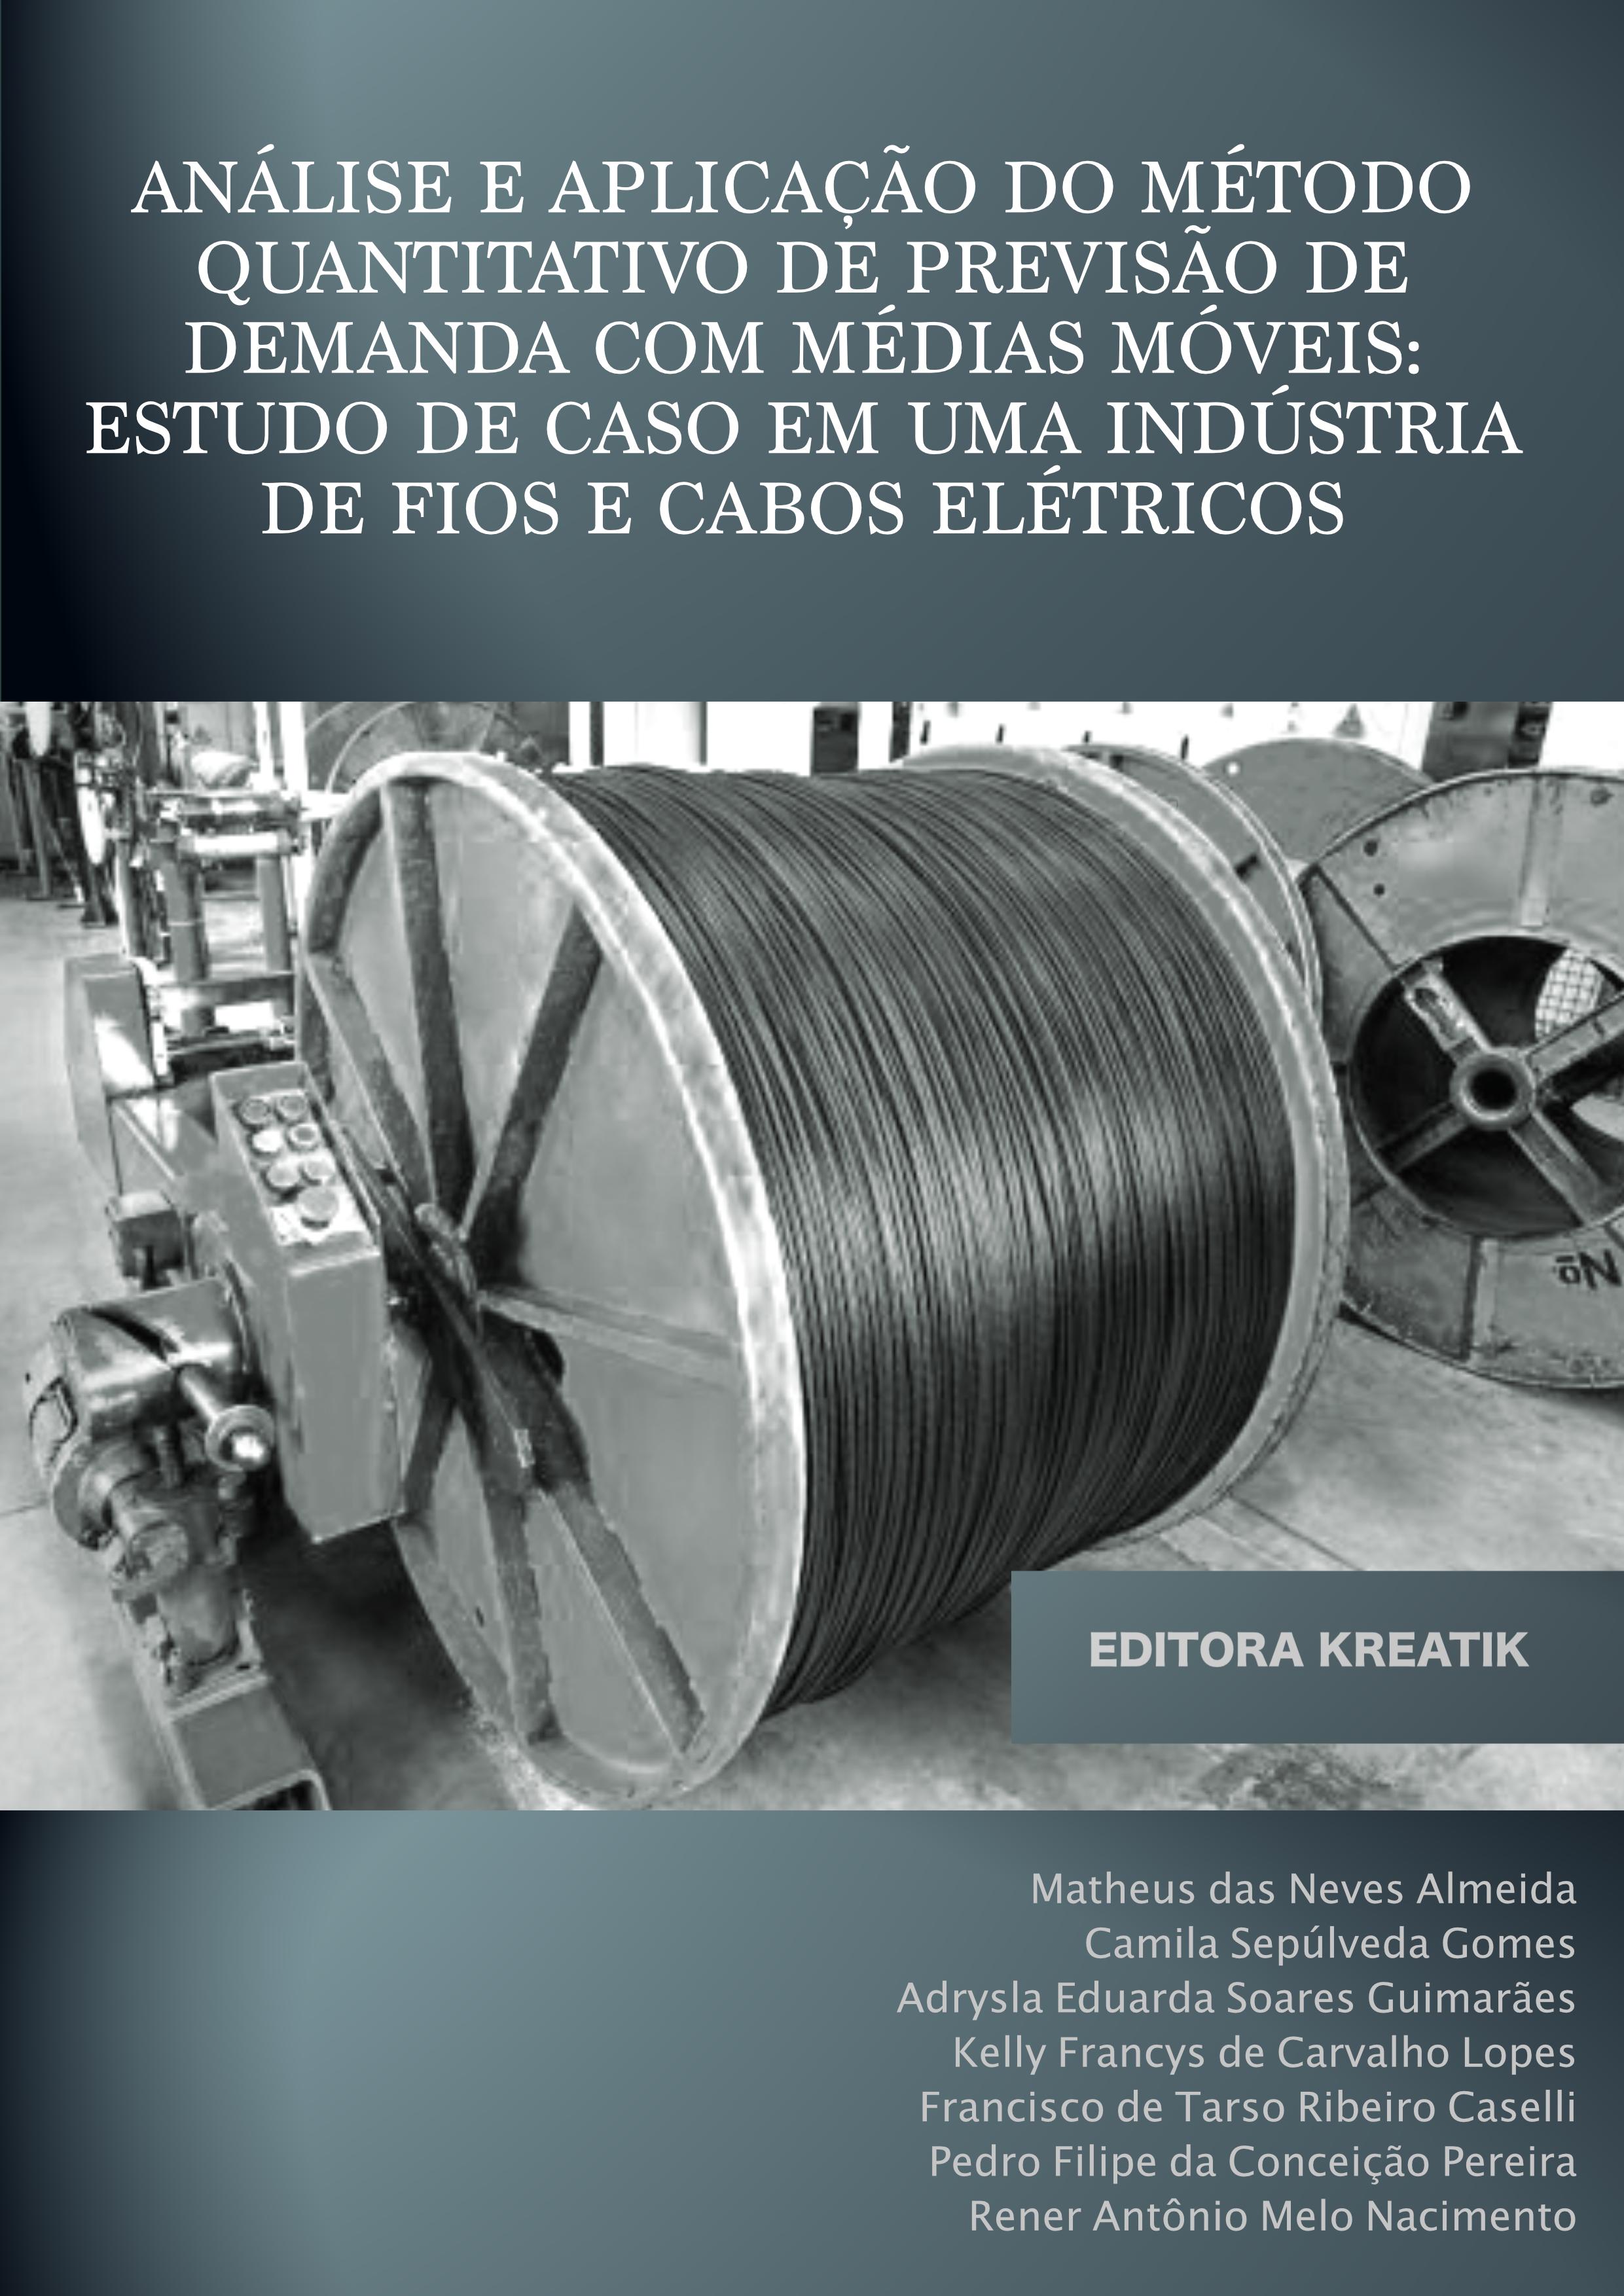 Análise e aplicação do método quantitativo de previsão de demanda com médias móveis: estudo de caso em uma indústria de fios e cabos elétricos